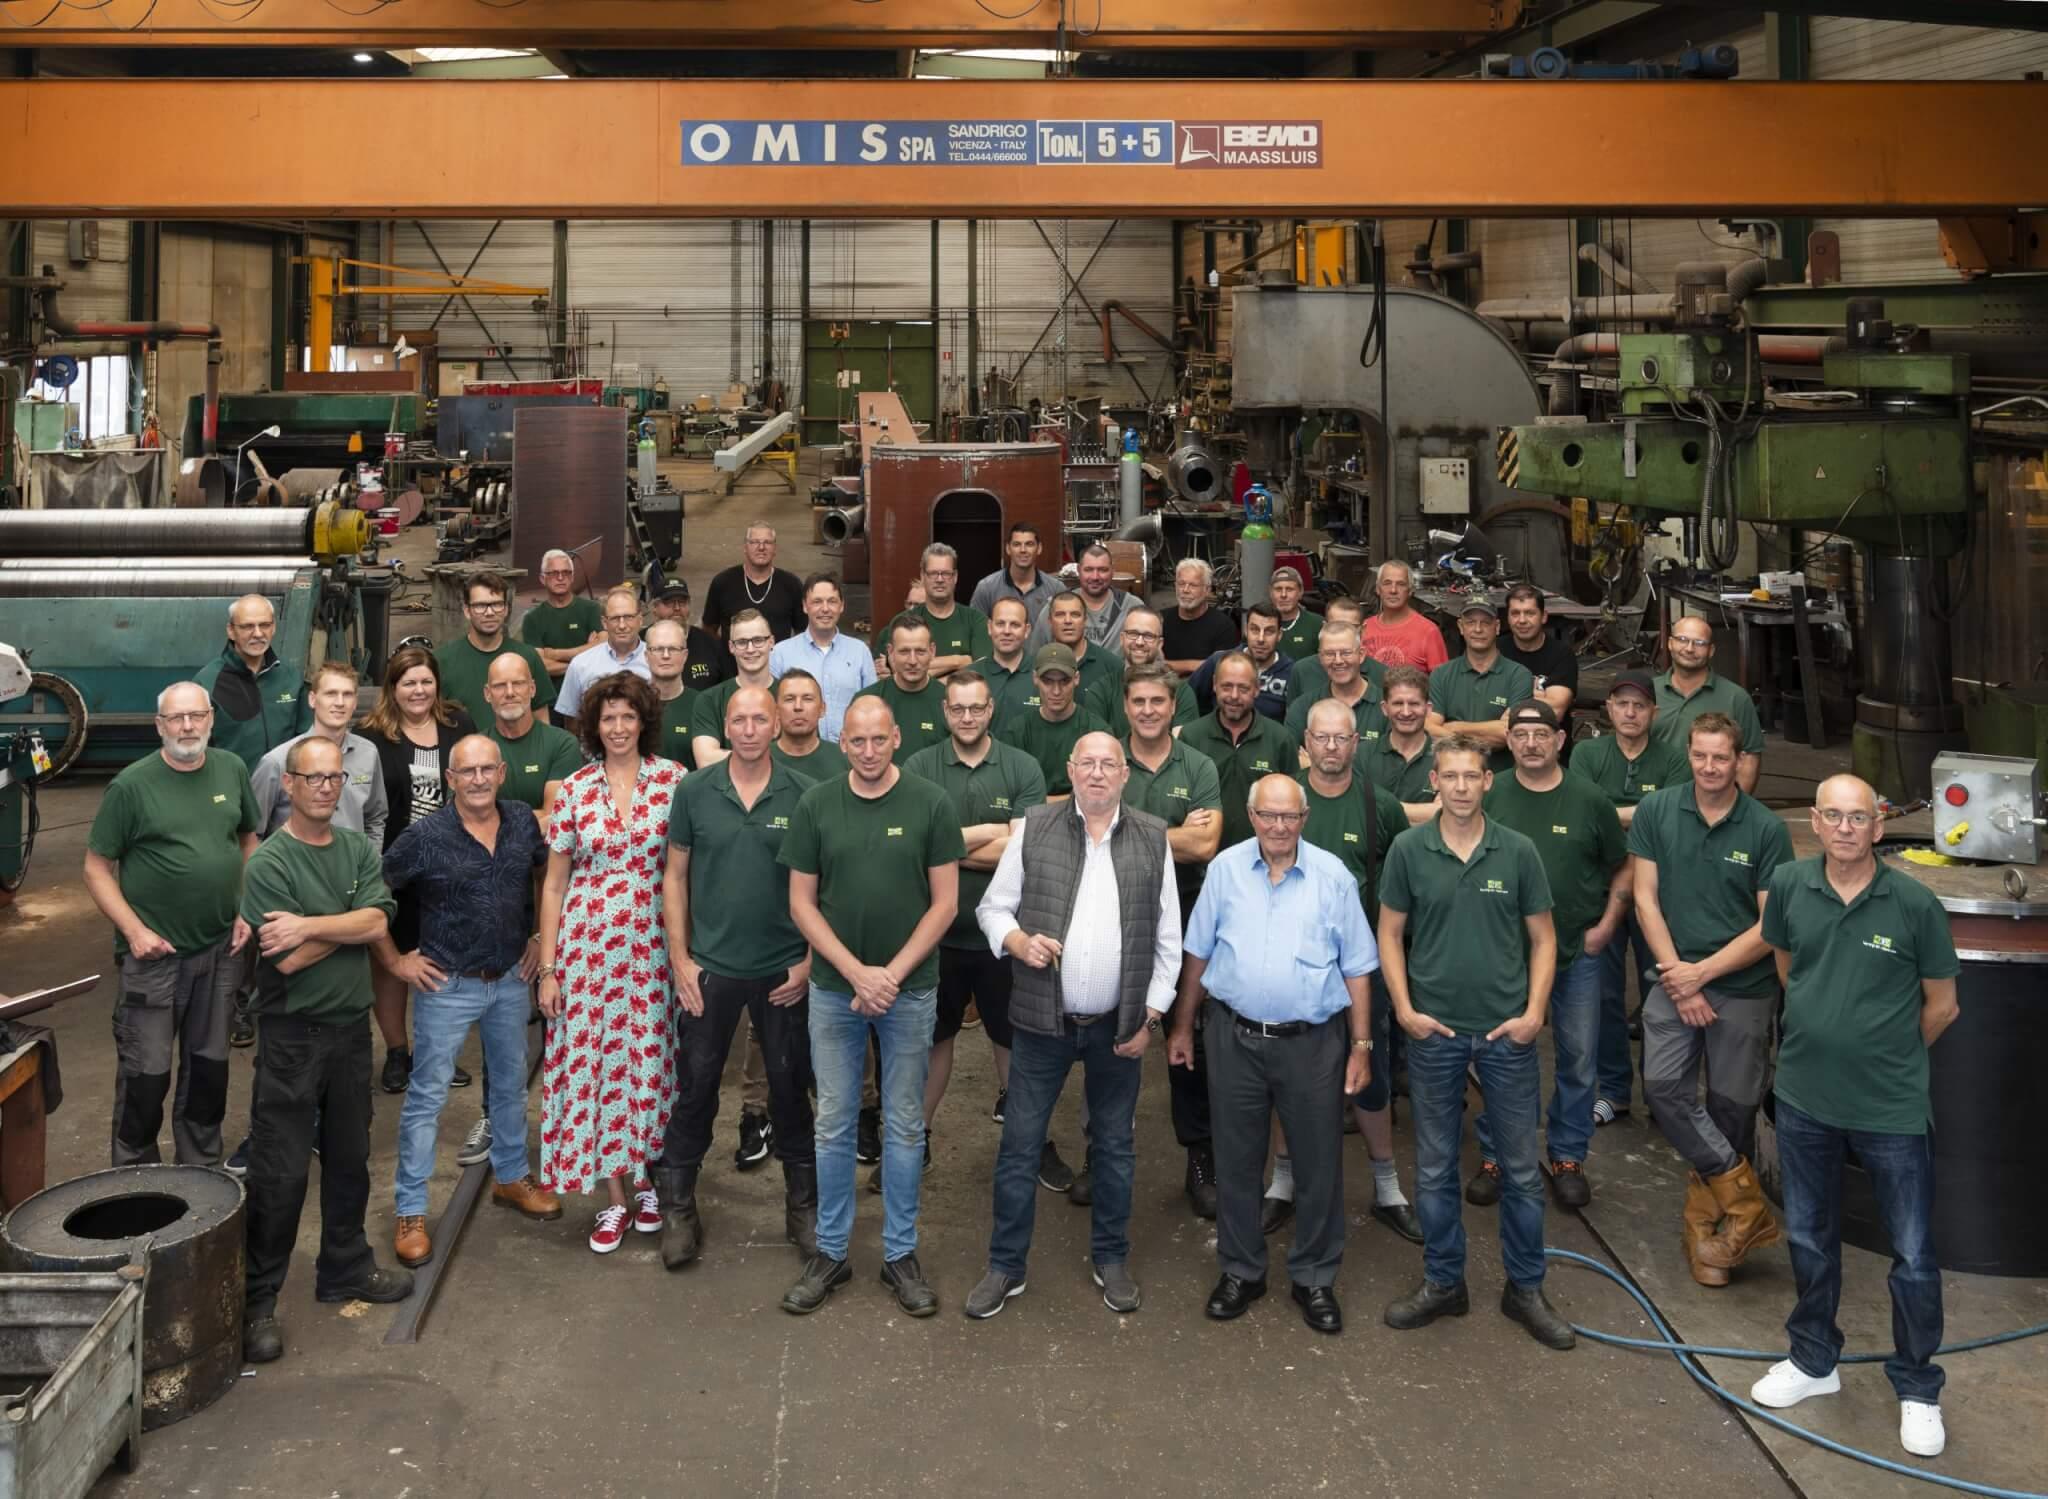 Team van Wijk Werkendam